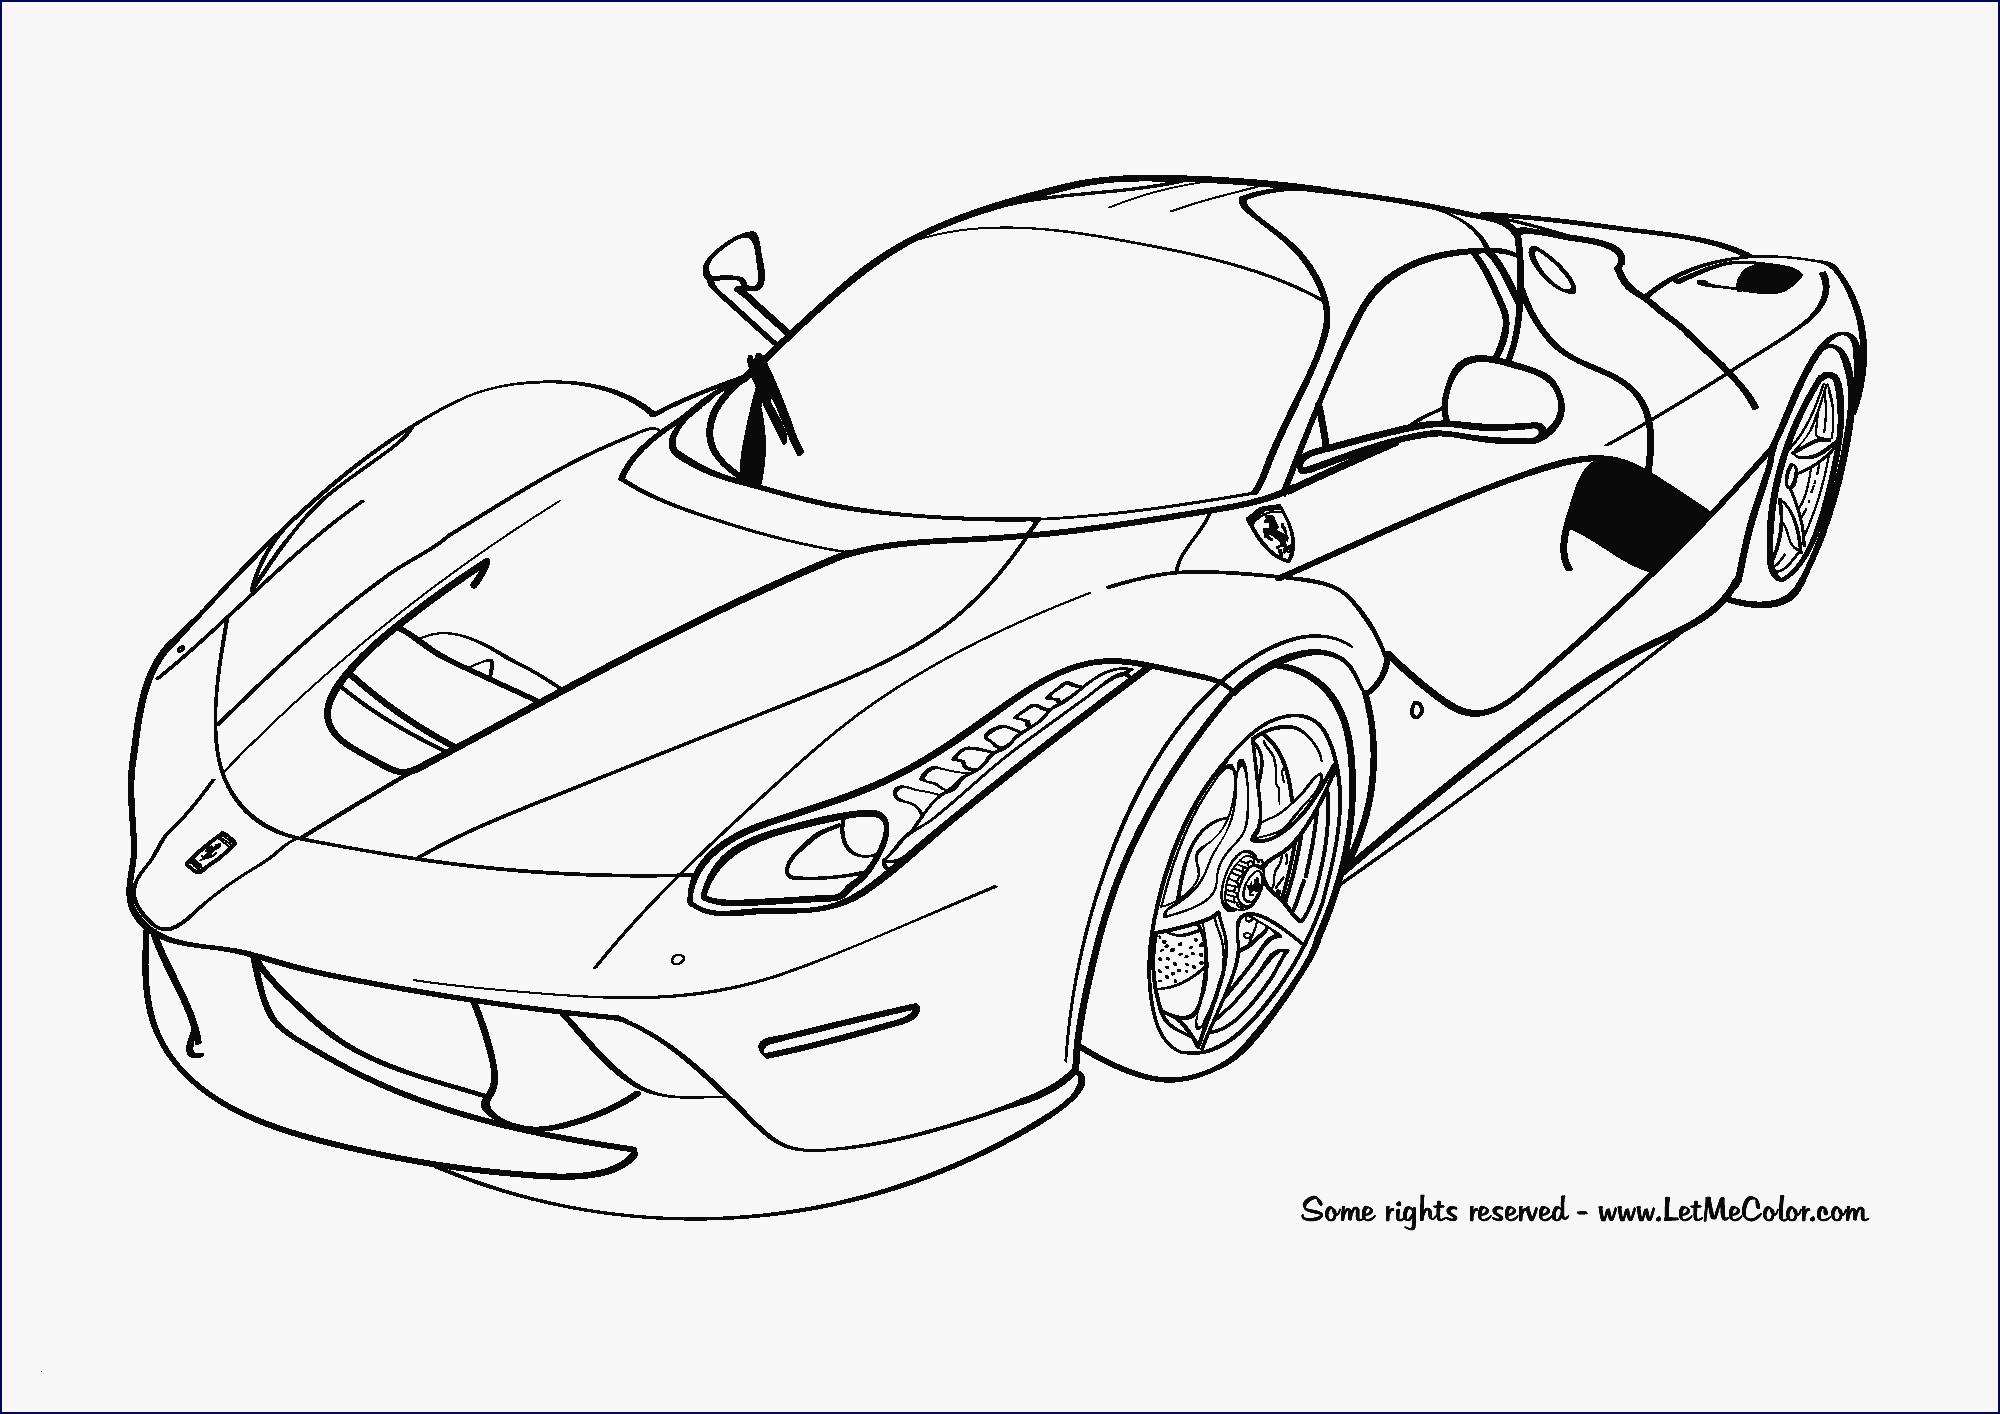 Essen Zum Ausmalen Neu Ferrari 14s Luxury Die Erstaunliche Ausmalbilder Zum Ausdrucken Fotos